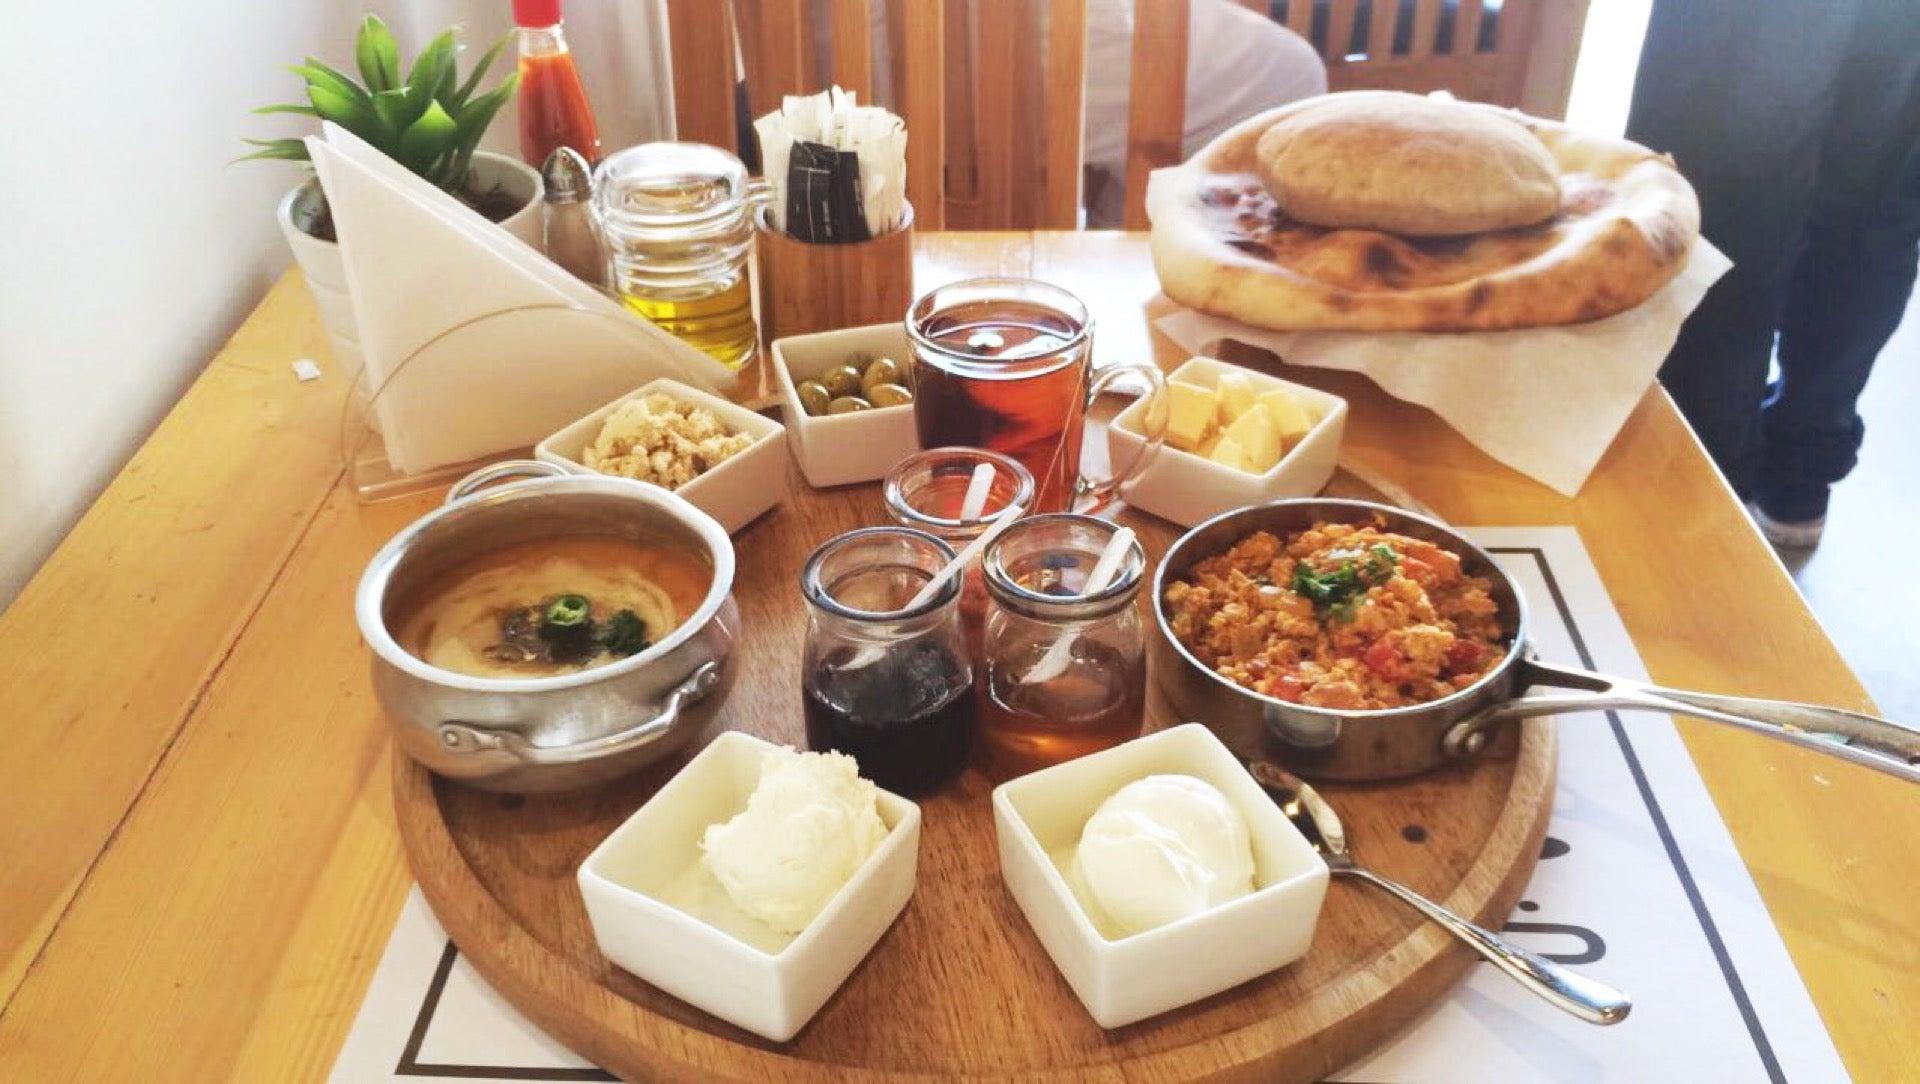 مطاعم فطور جلسات خارجية في الرياض الاسعار المنيو الموقع كافيهات و مطاعم الرياض